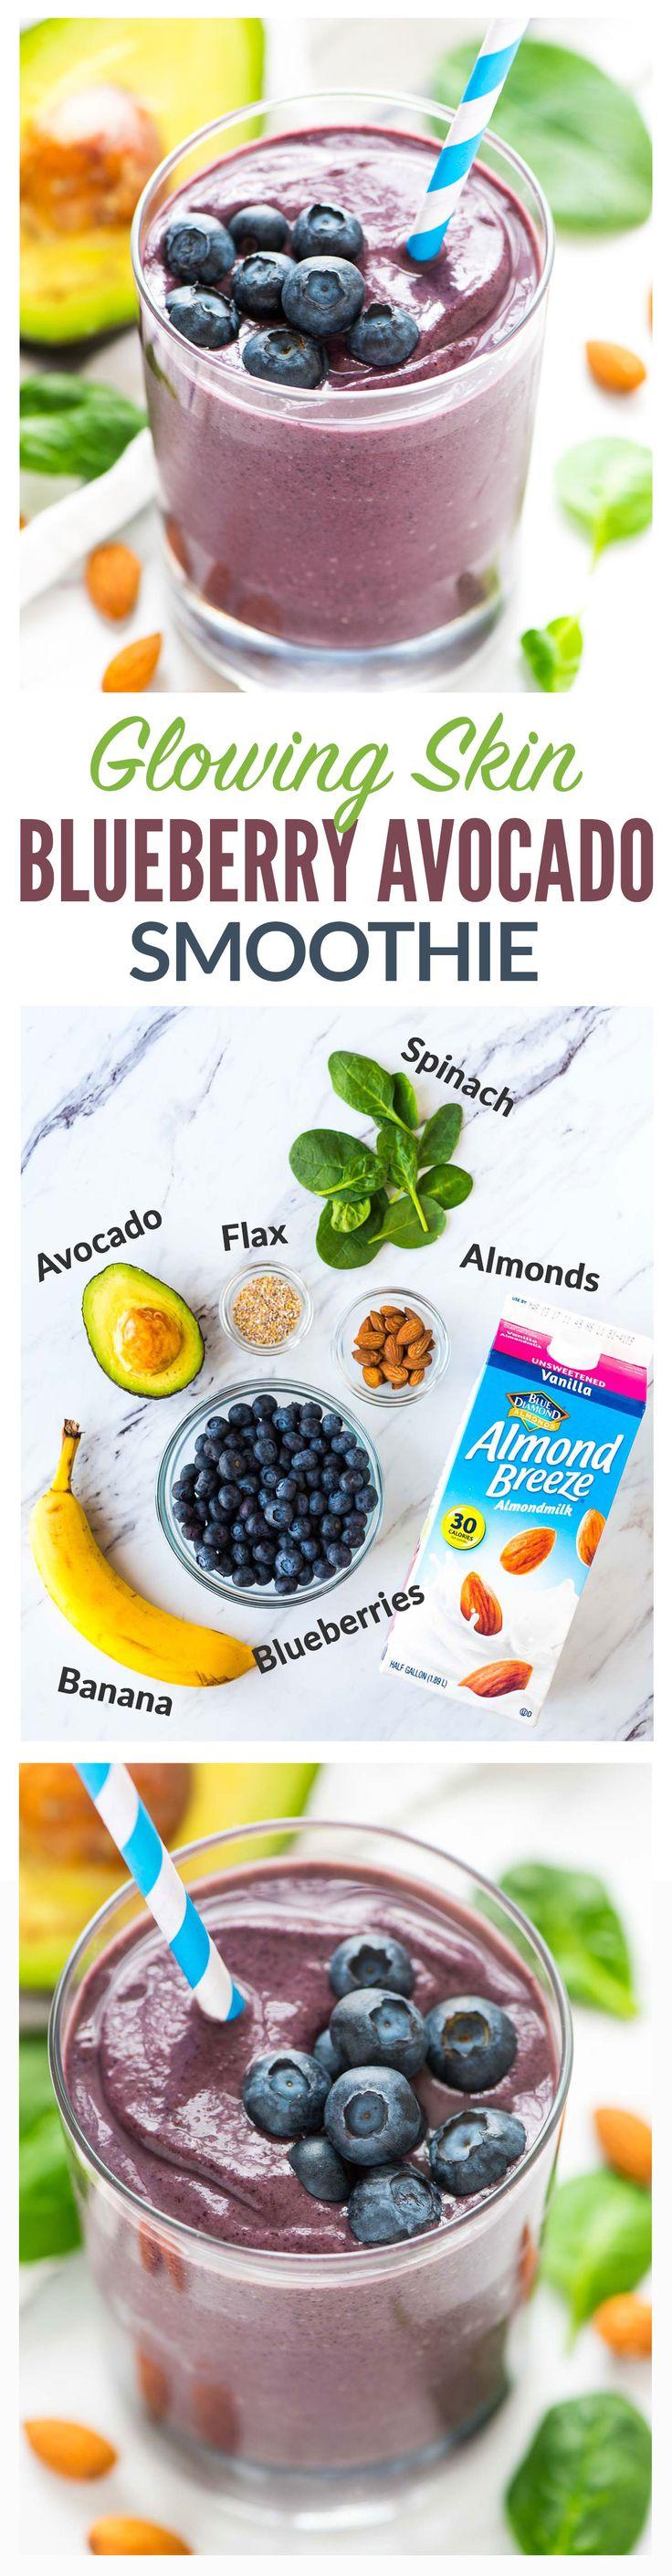 Hidratante Blueberry Aguacate Banana Smoothie para la piel brillante! Con antioxidantes y grasas saludables de ingredientes como espinacas, arándanos, leche de almendras, aguacates y lino, este batido verde es DELICIOSO y una forma natural de promover la belleza y la salud. Receta en wellplated.com | Bien hecho